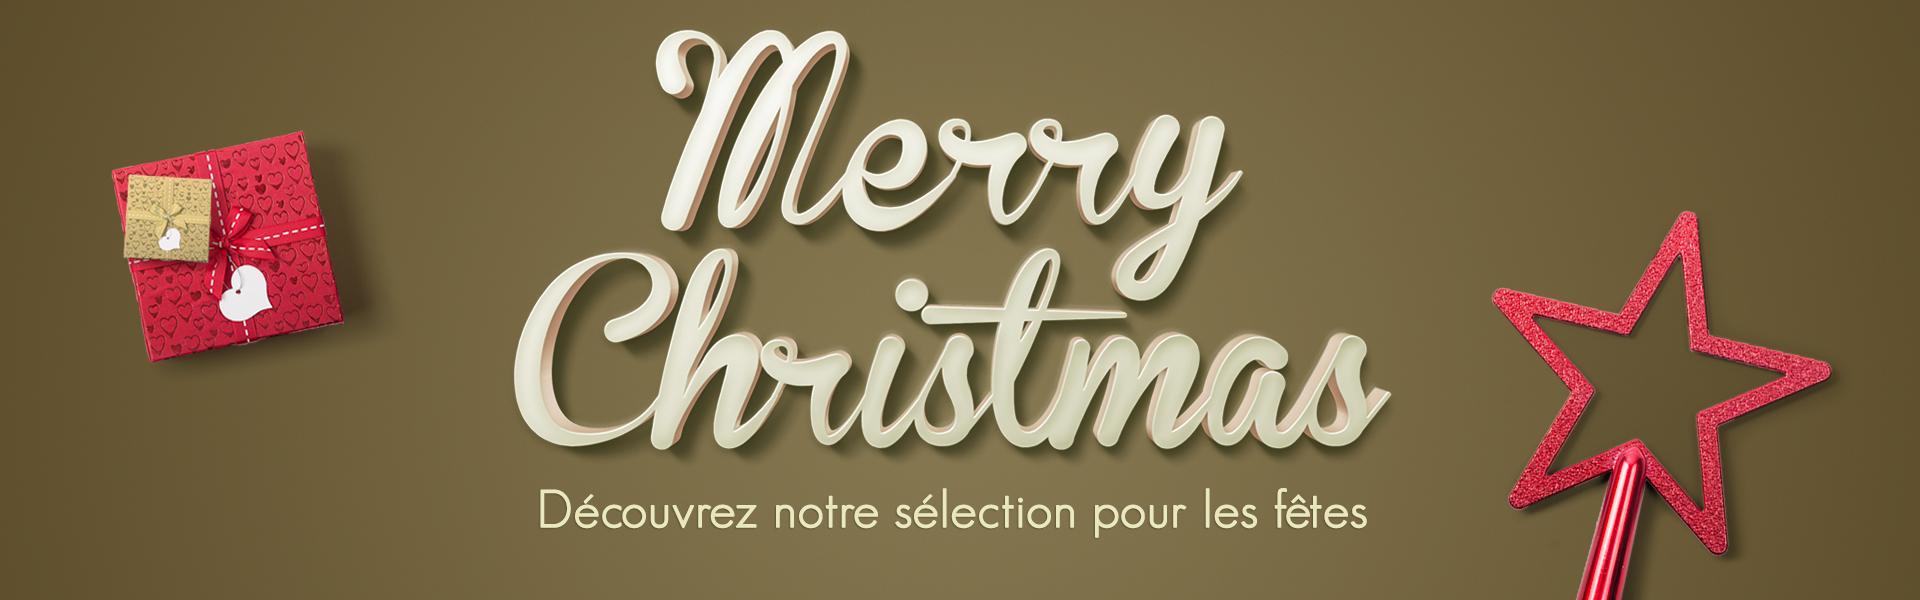 Découvrez notre sélection de Noël